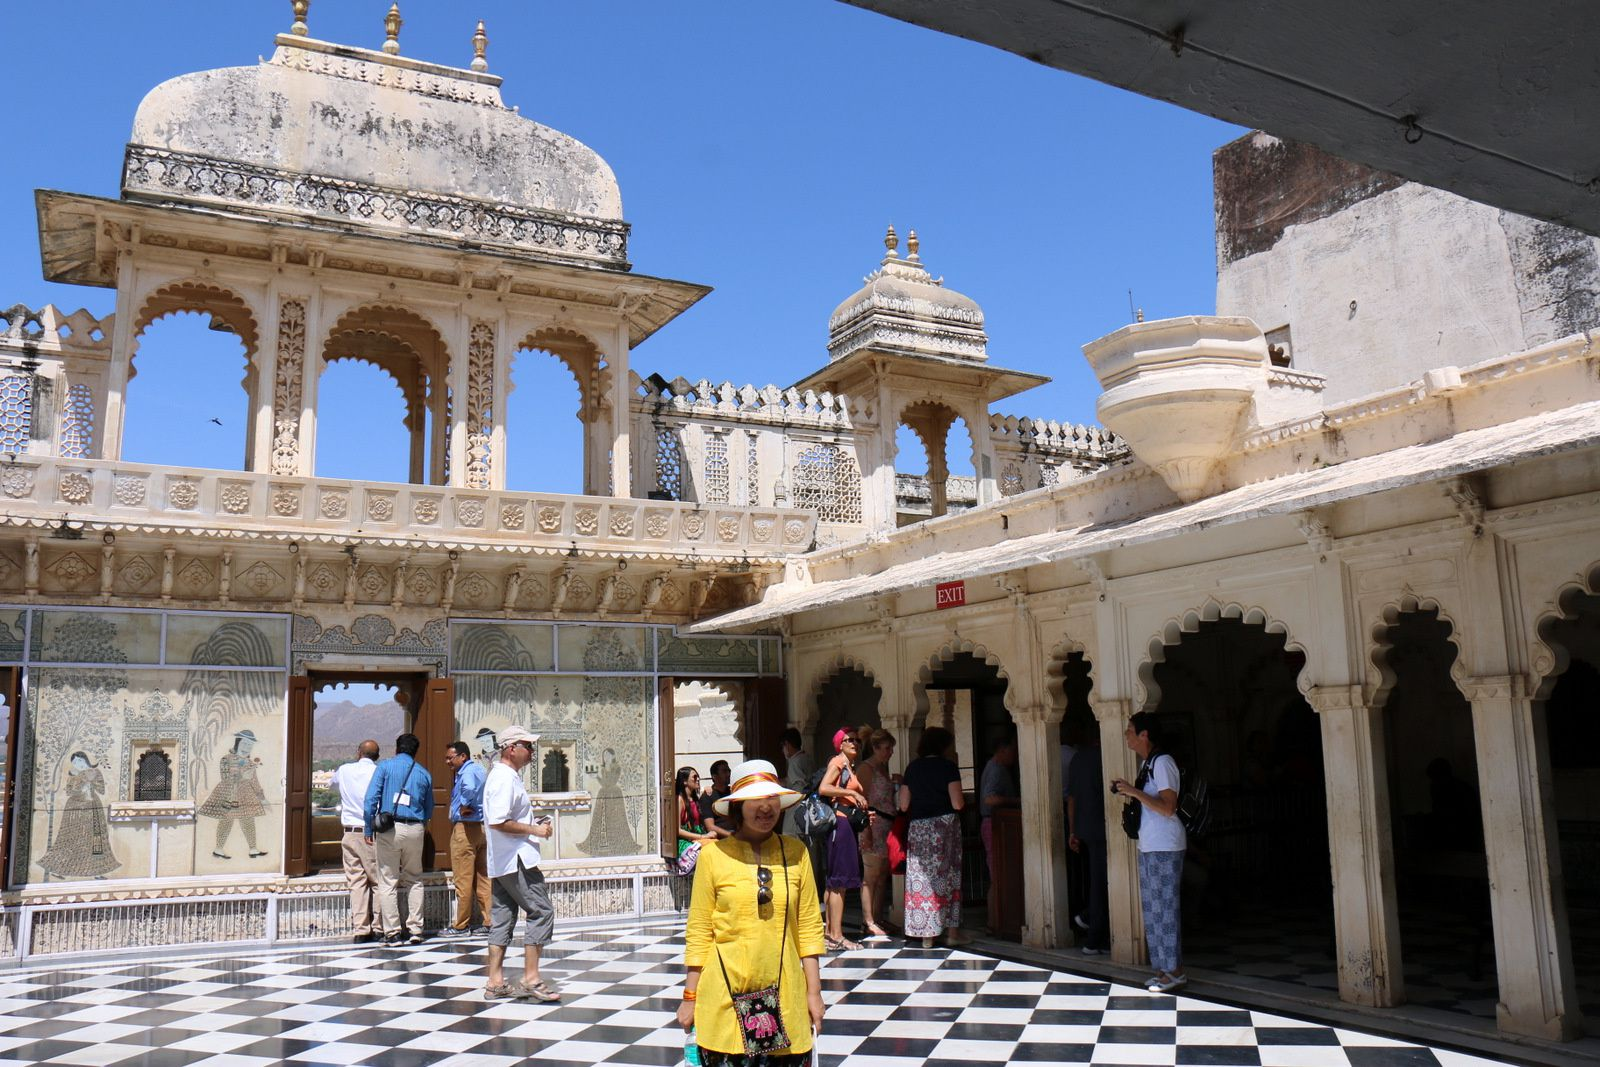 Cour intérieure dans le City Palace Museum (Udaipur, Inde)